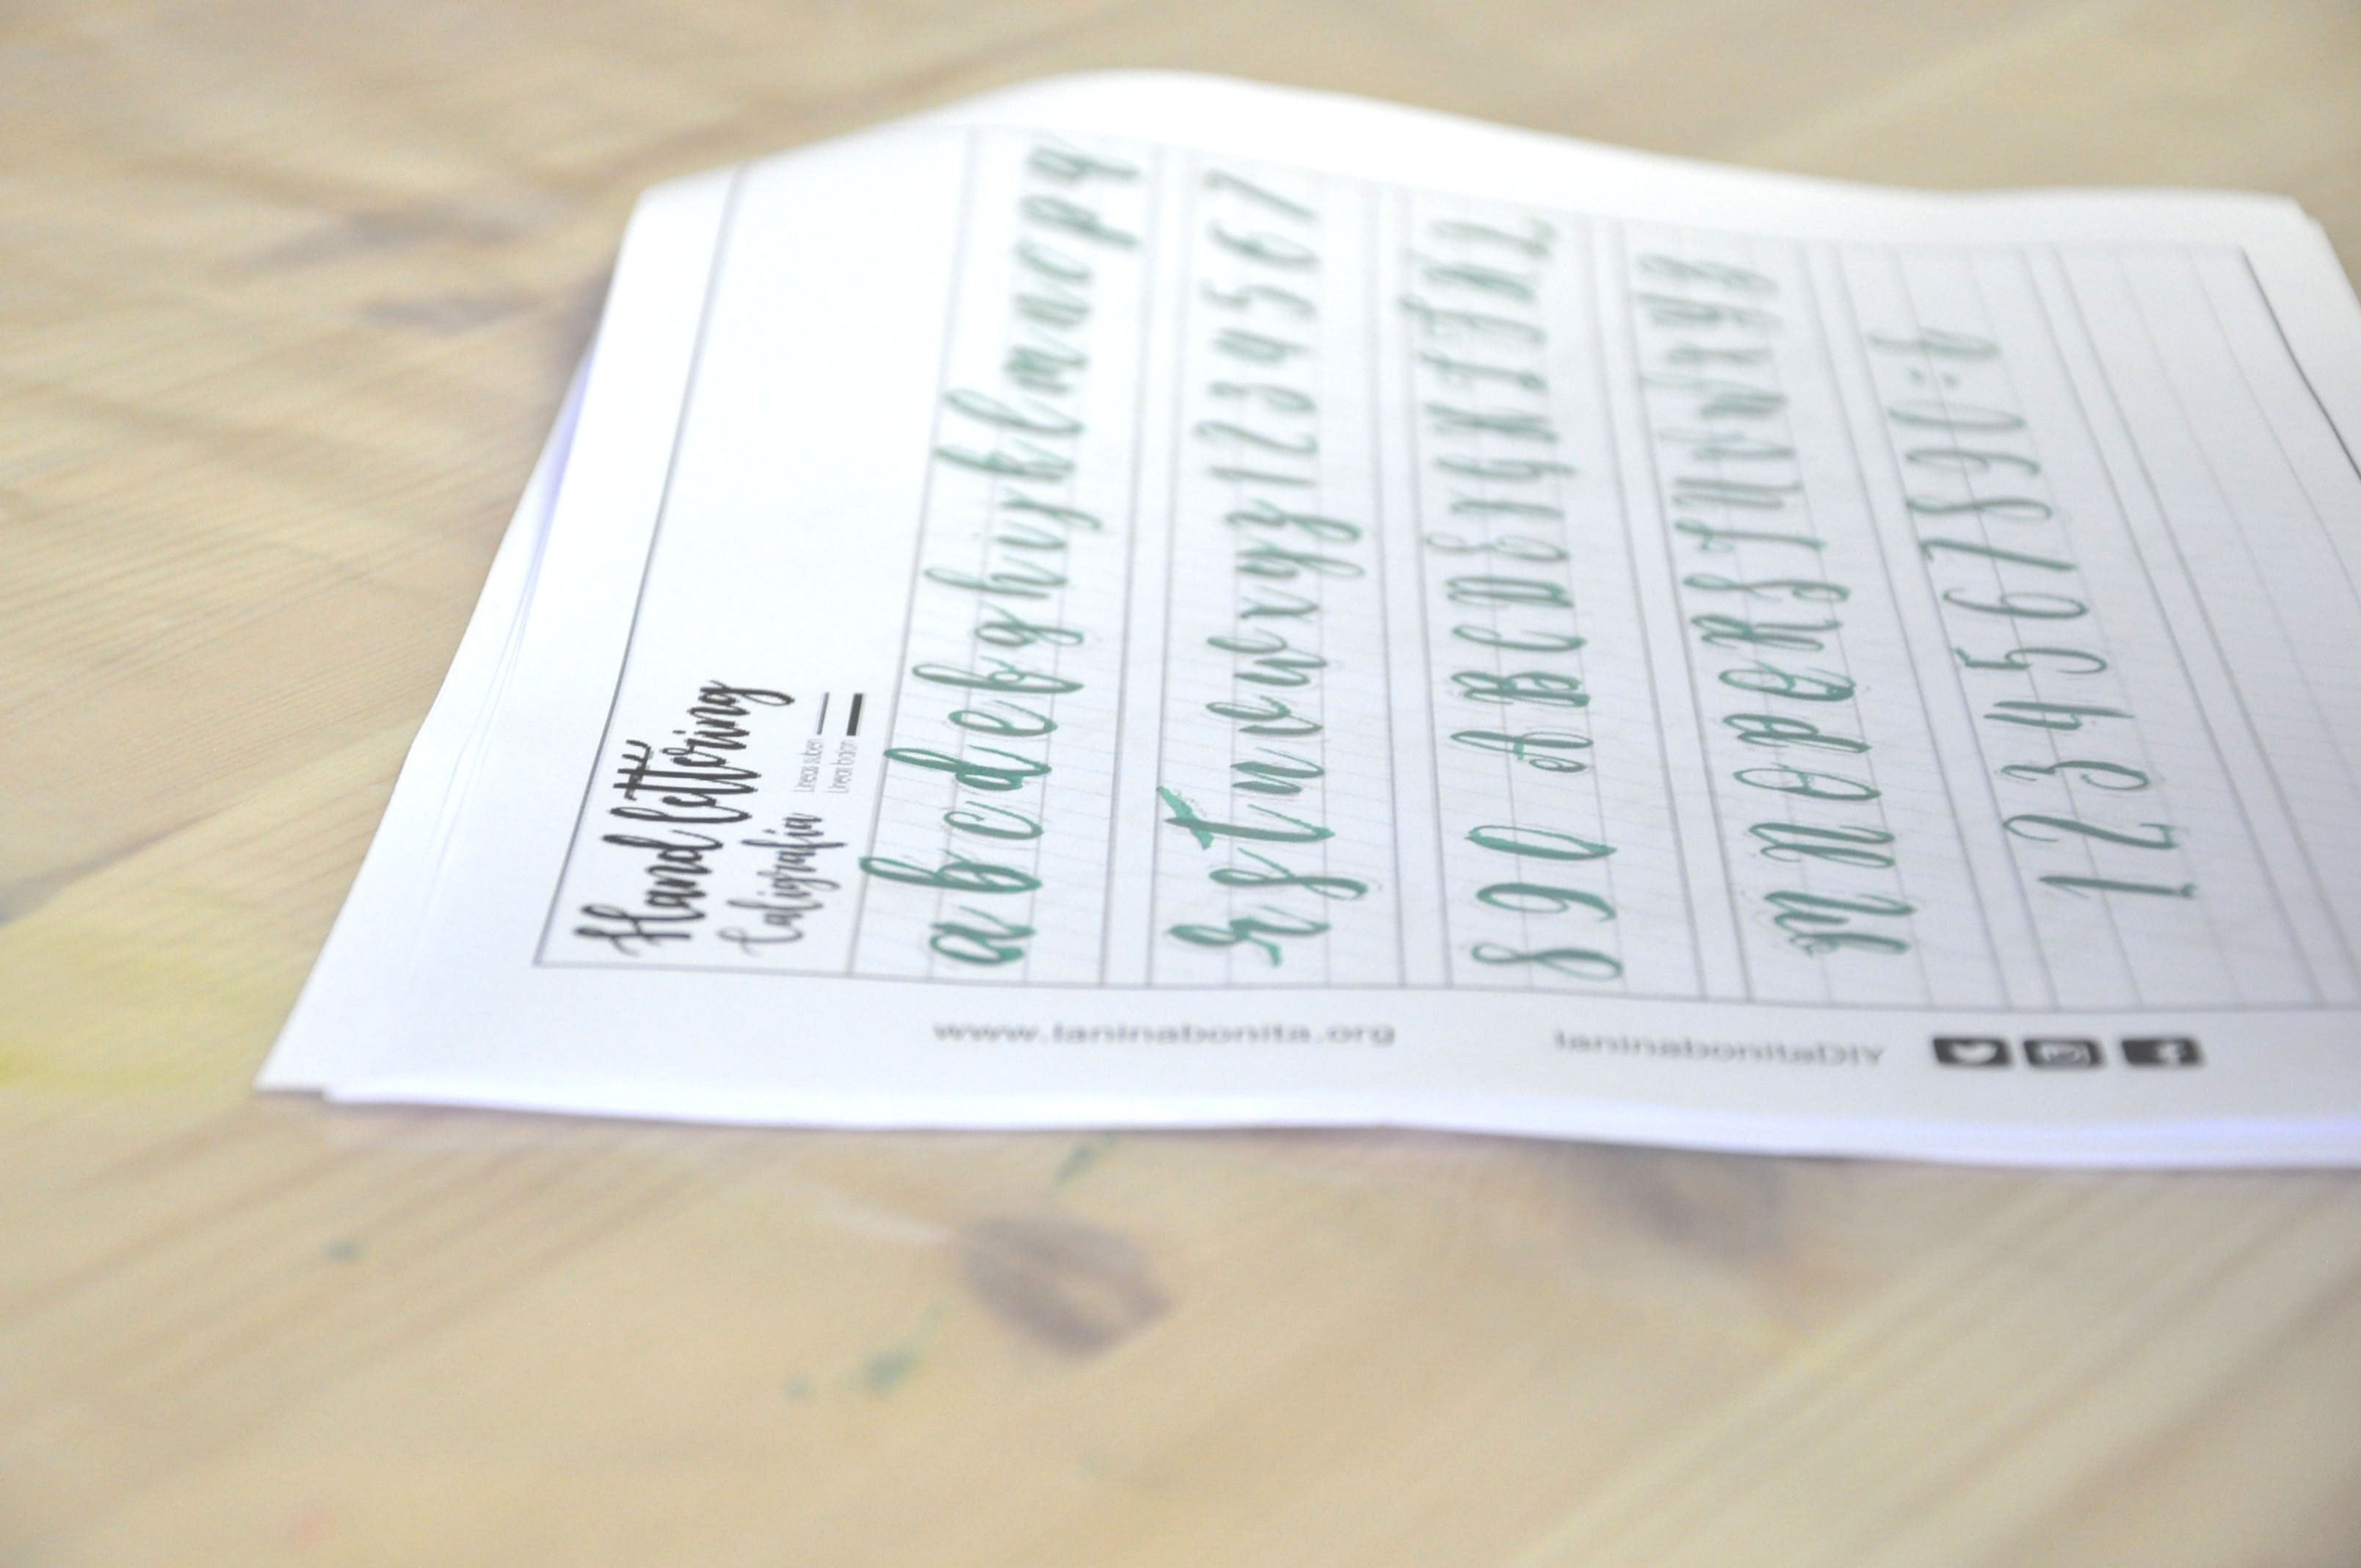 Taller de lettering y caligrafía creativa